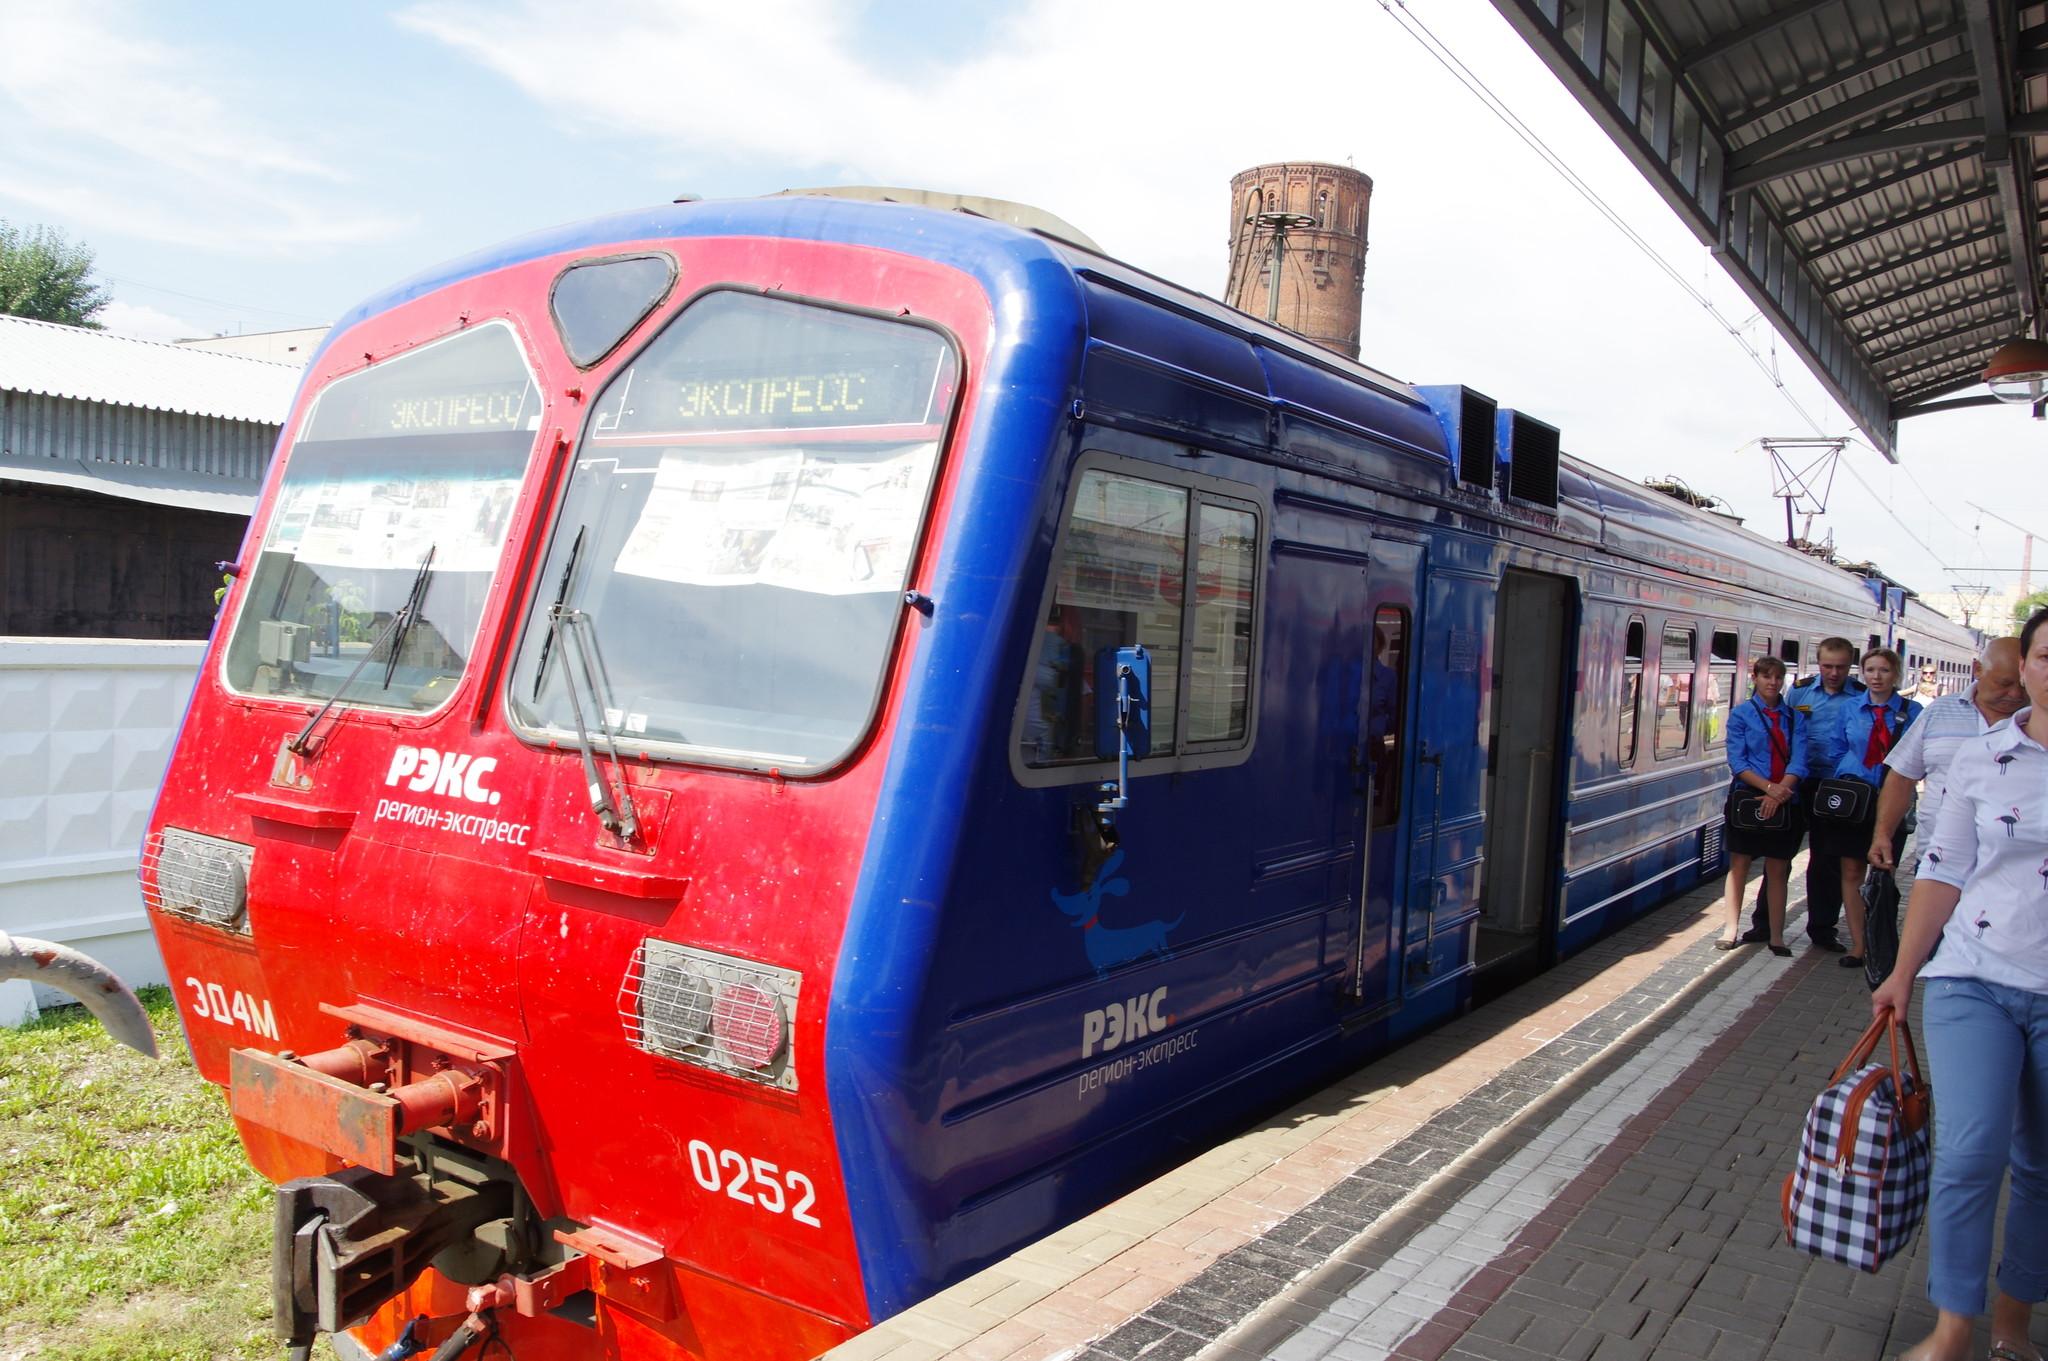 Электропоезд ЭД4М-0252 РЭКС регион-экспресс повышенной комфортности прибыл на Савёловский вокзал